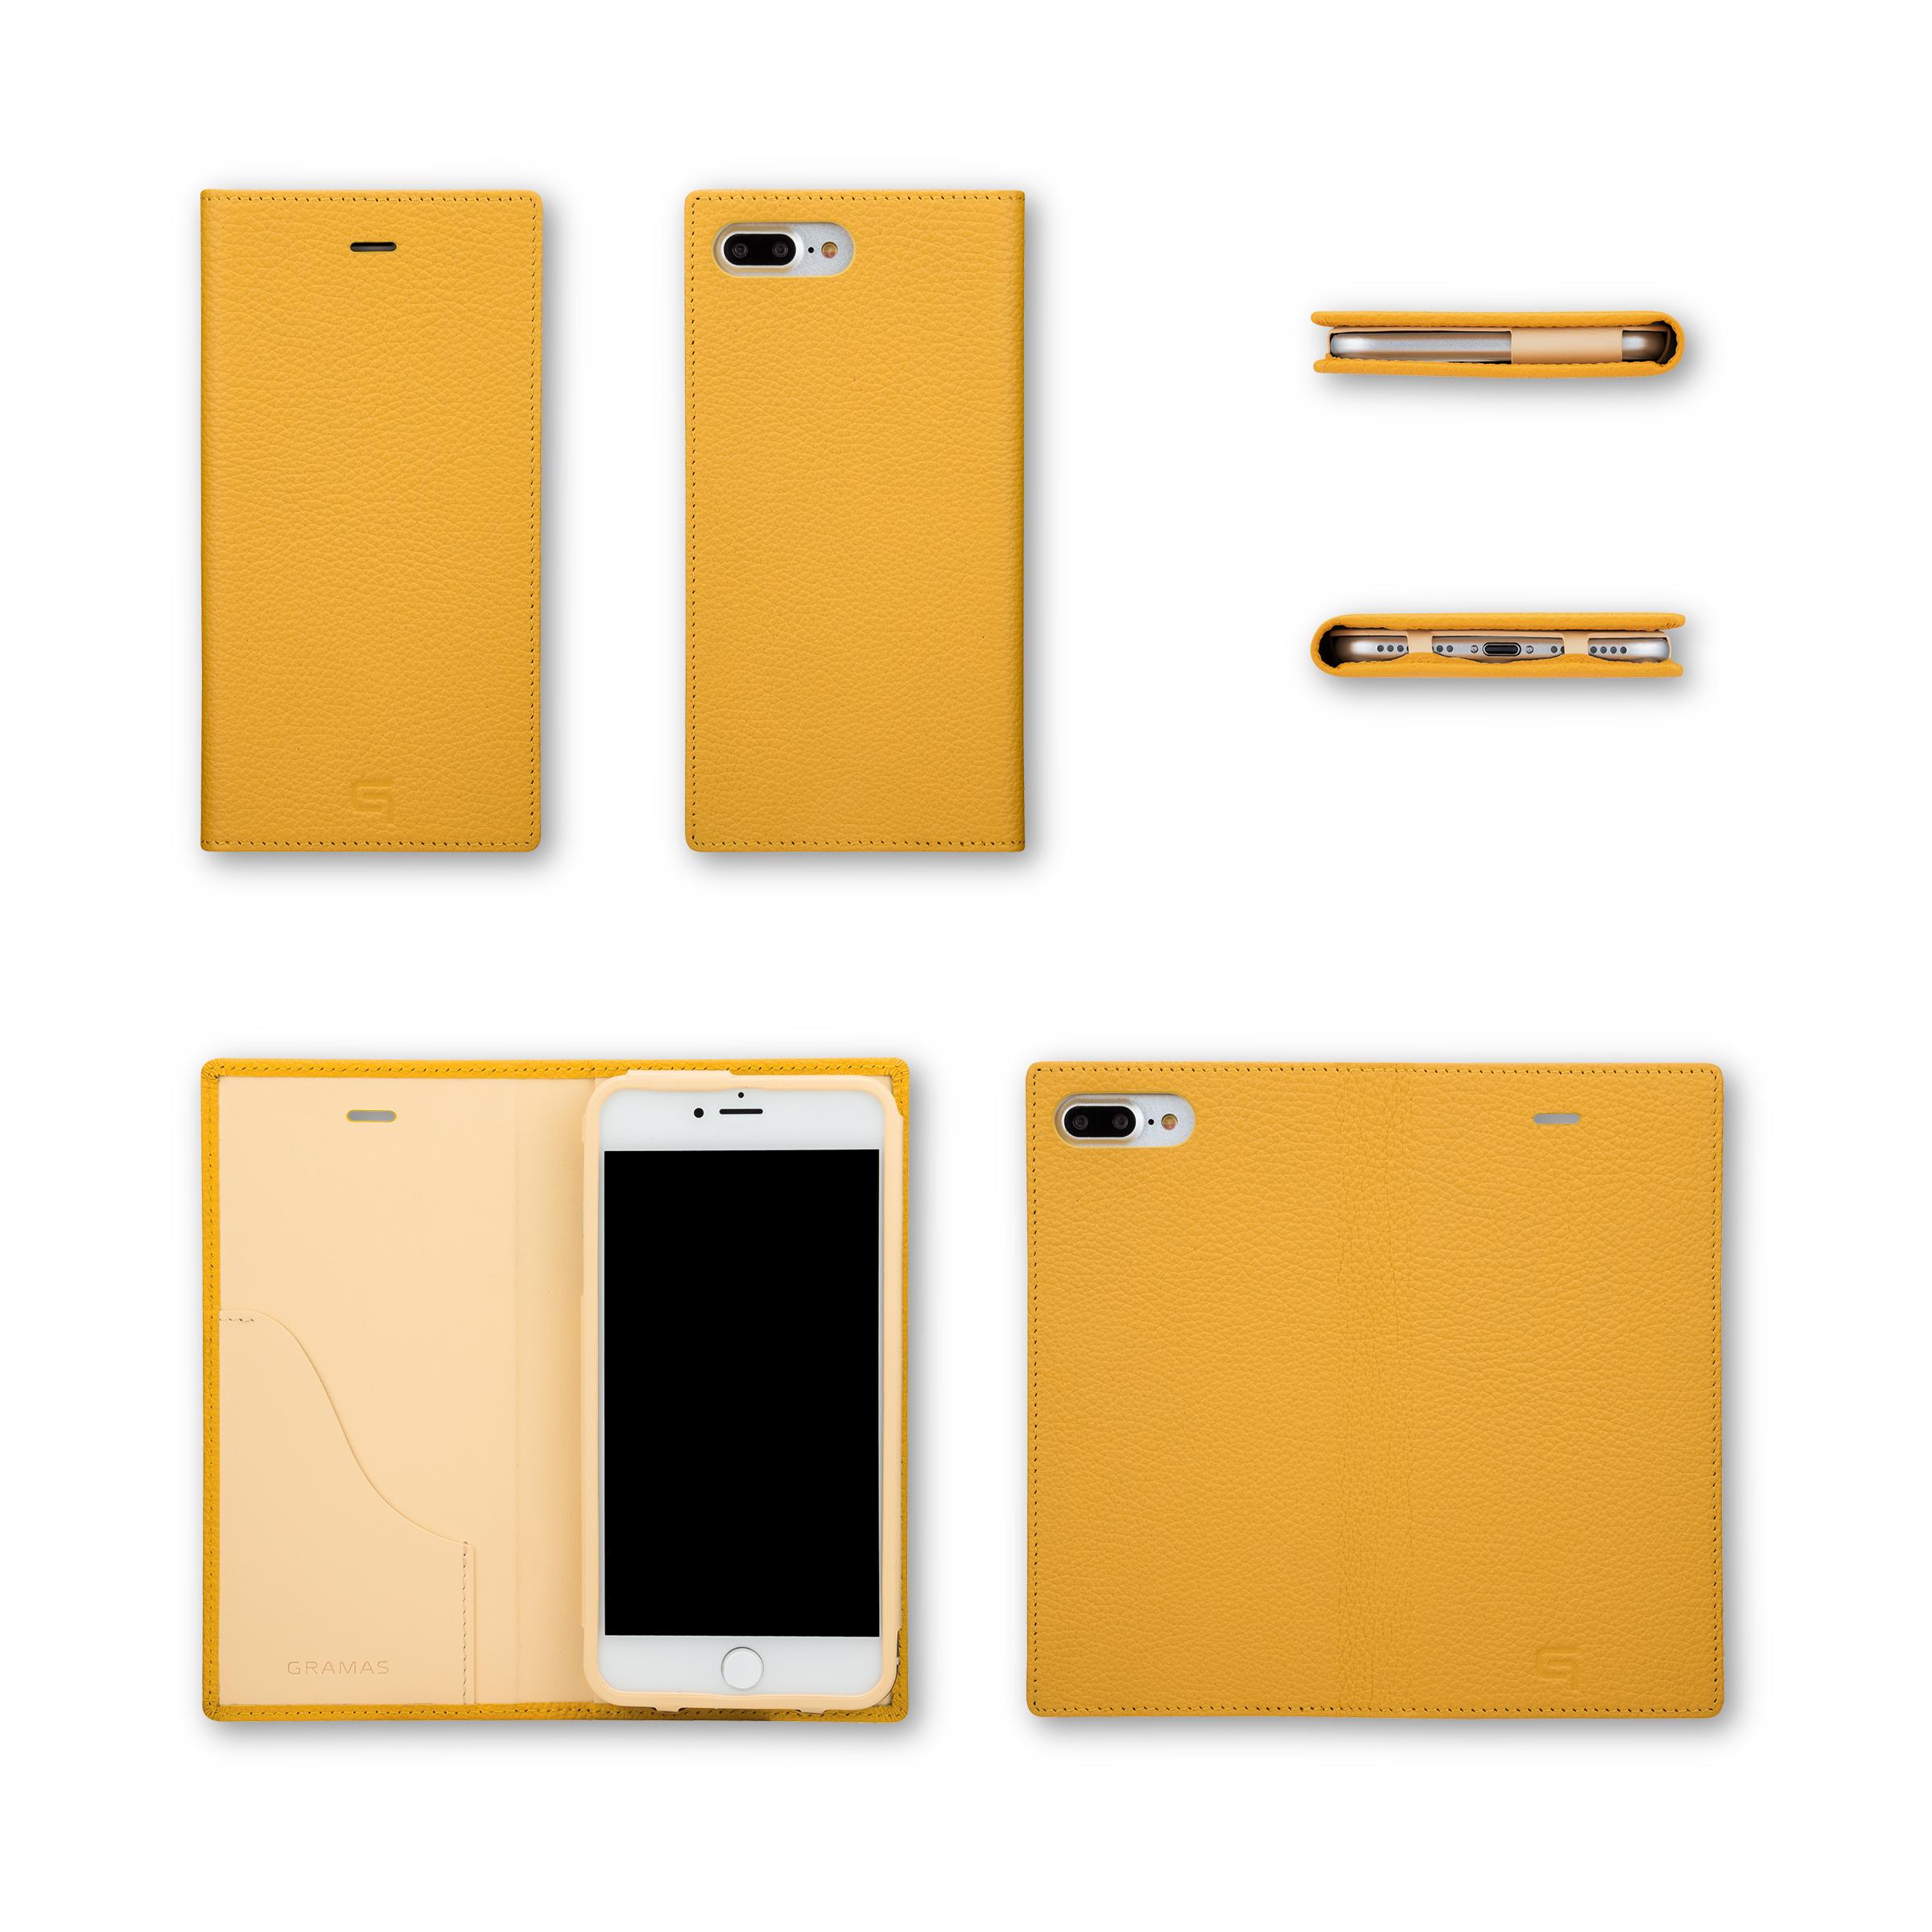 GRAMAS Shrunken-calf Full Leather Case for iPhone 7 Plus(Black) シュランケンカーフ 手帳型フルレザーケース - 画像5